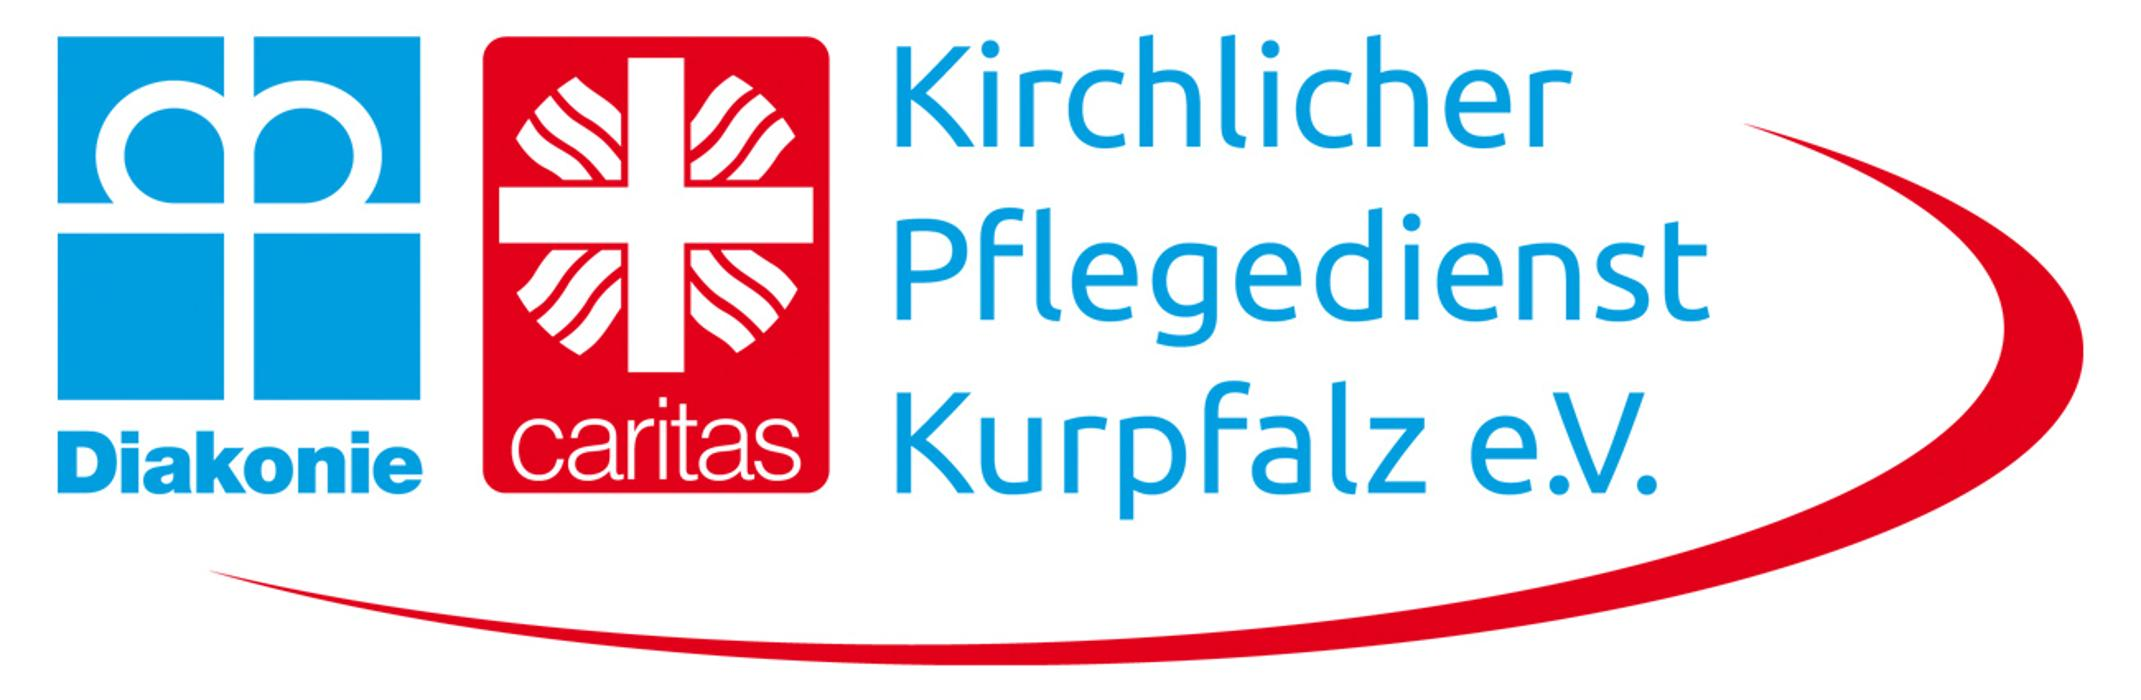 Bild zu Kirchlicher Pflegedienst Kurpfalz e.V. in Schwetzingen